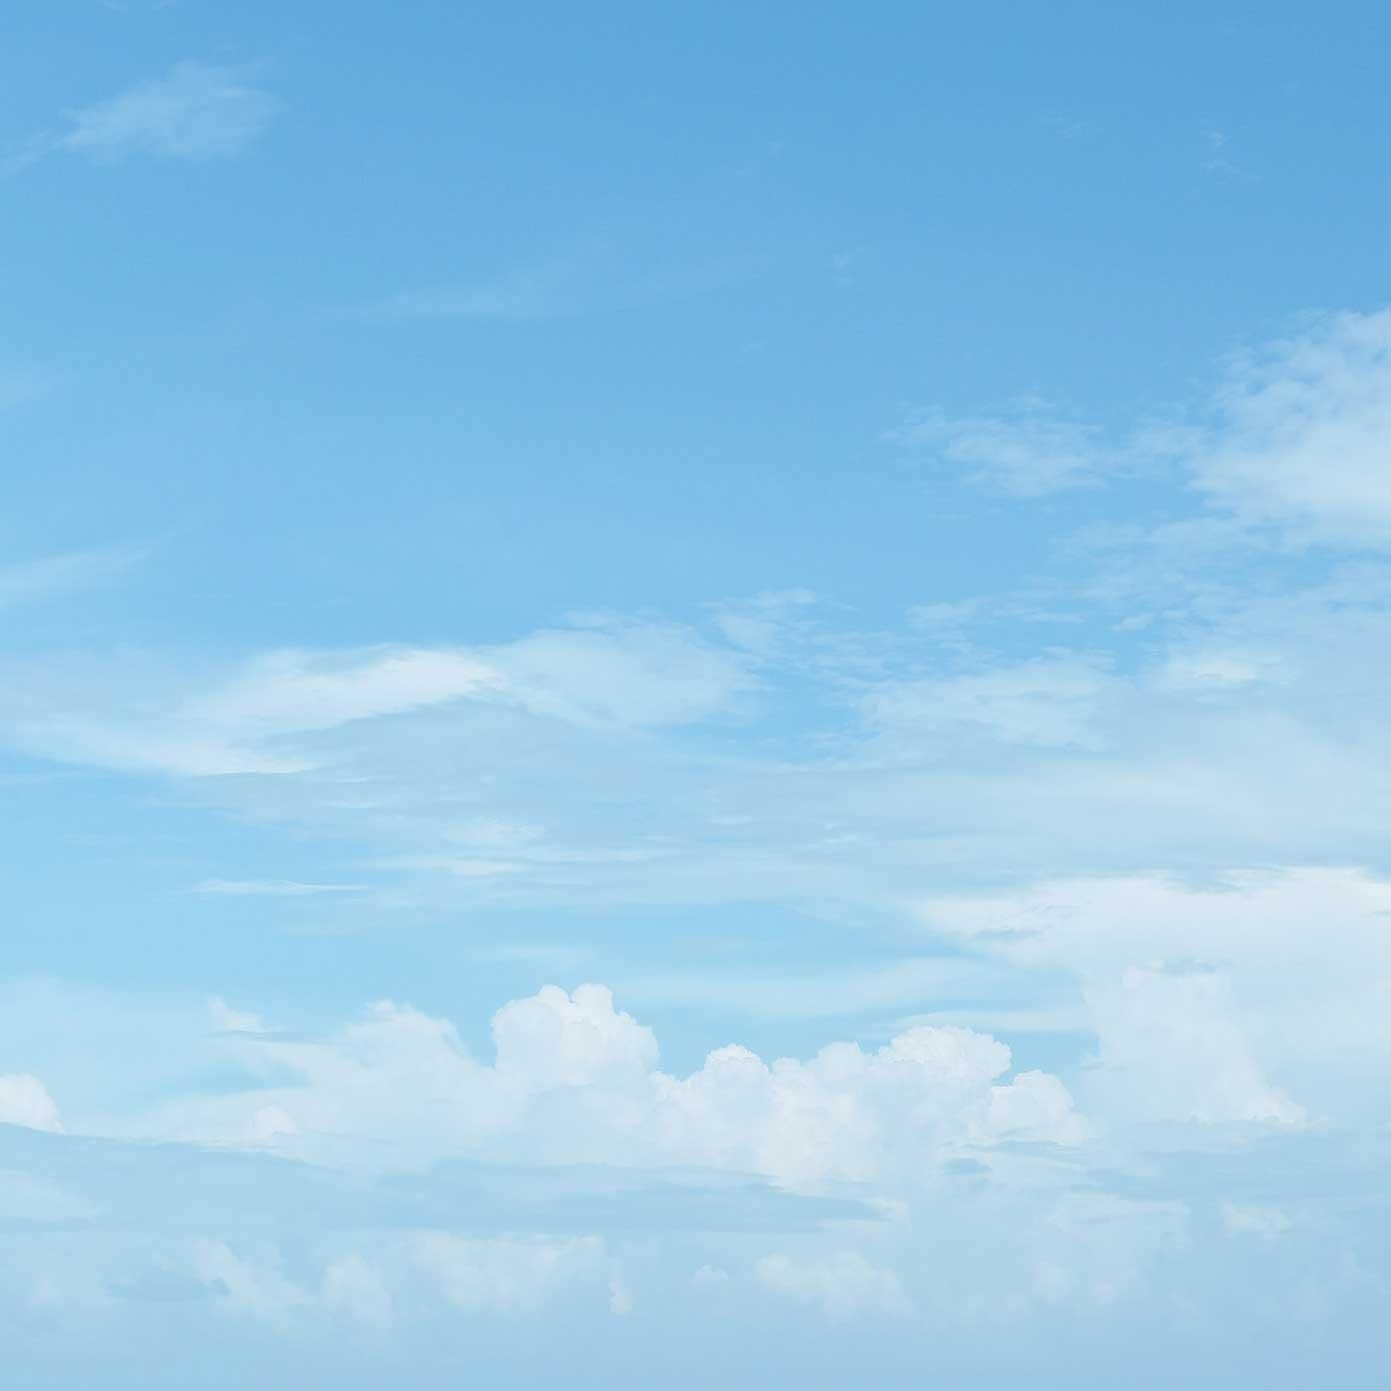 """Modellbahn Hintergrund """"Himmel mit Schleierwolken"""" auf 3 x 0,5 Meter 1"""